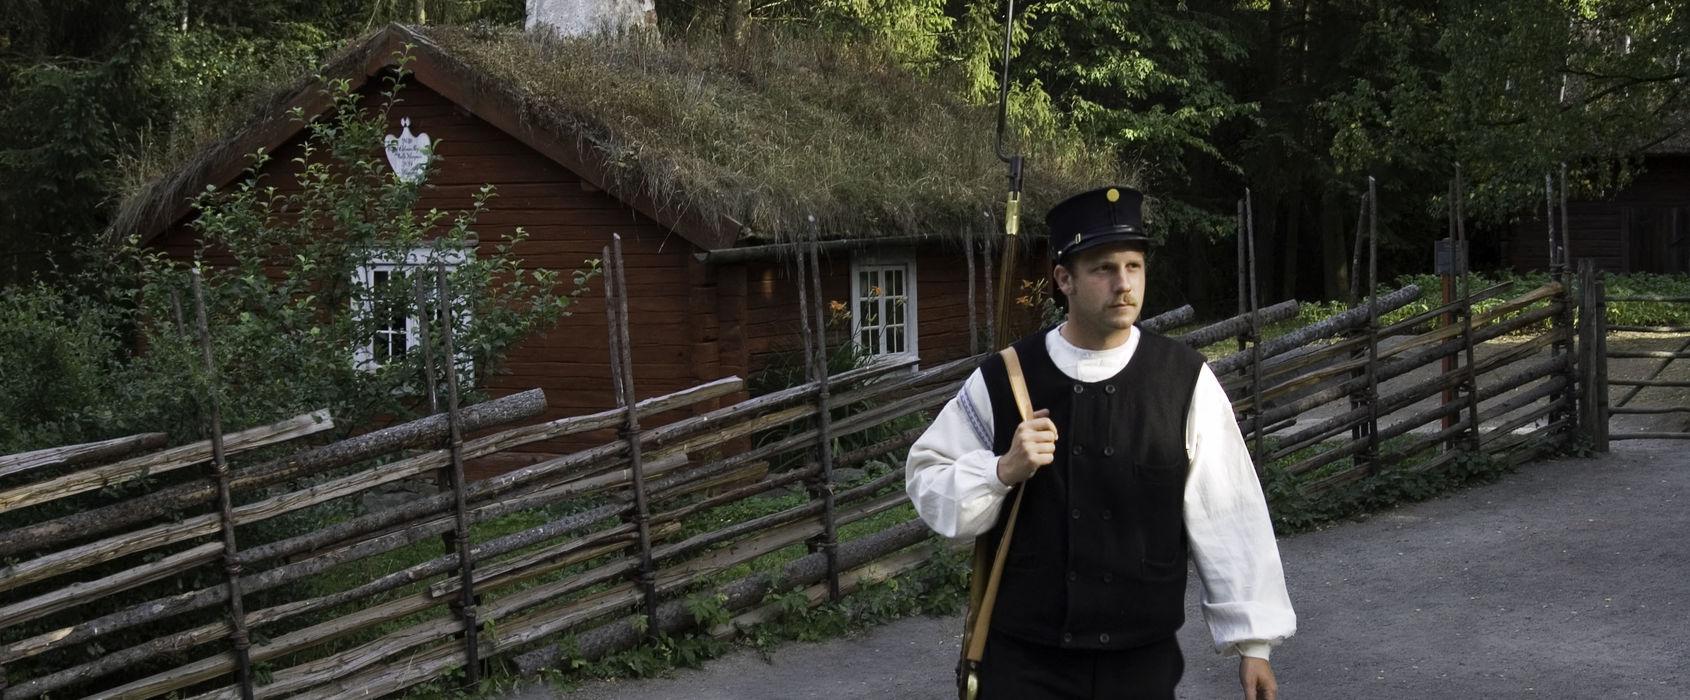 Soldattorpet på Skansen